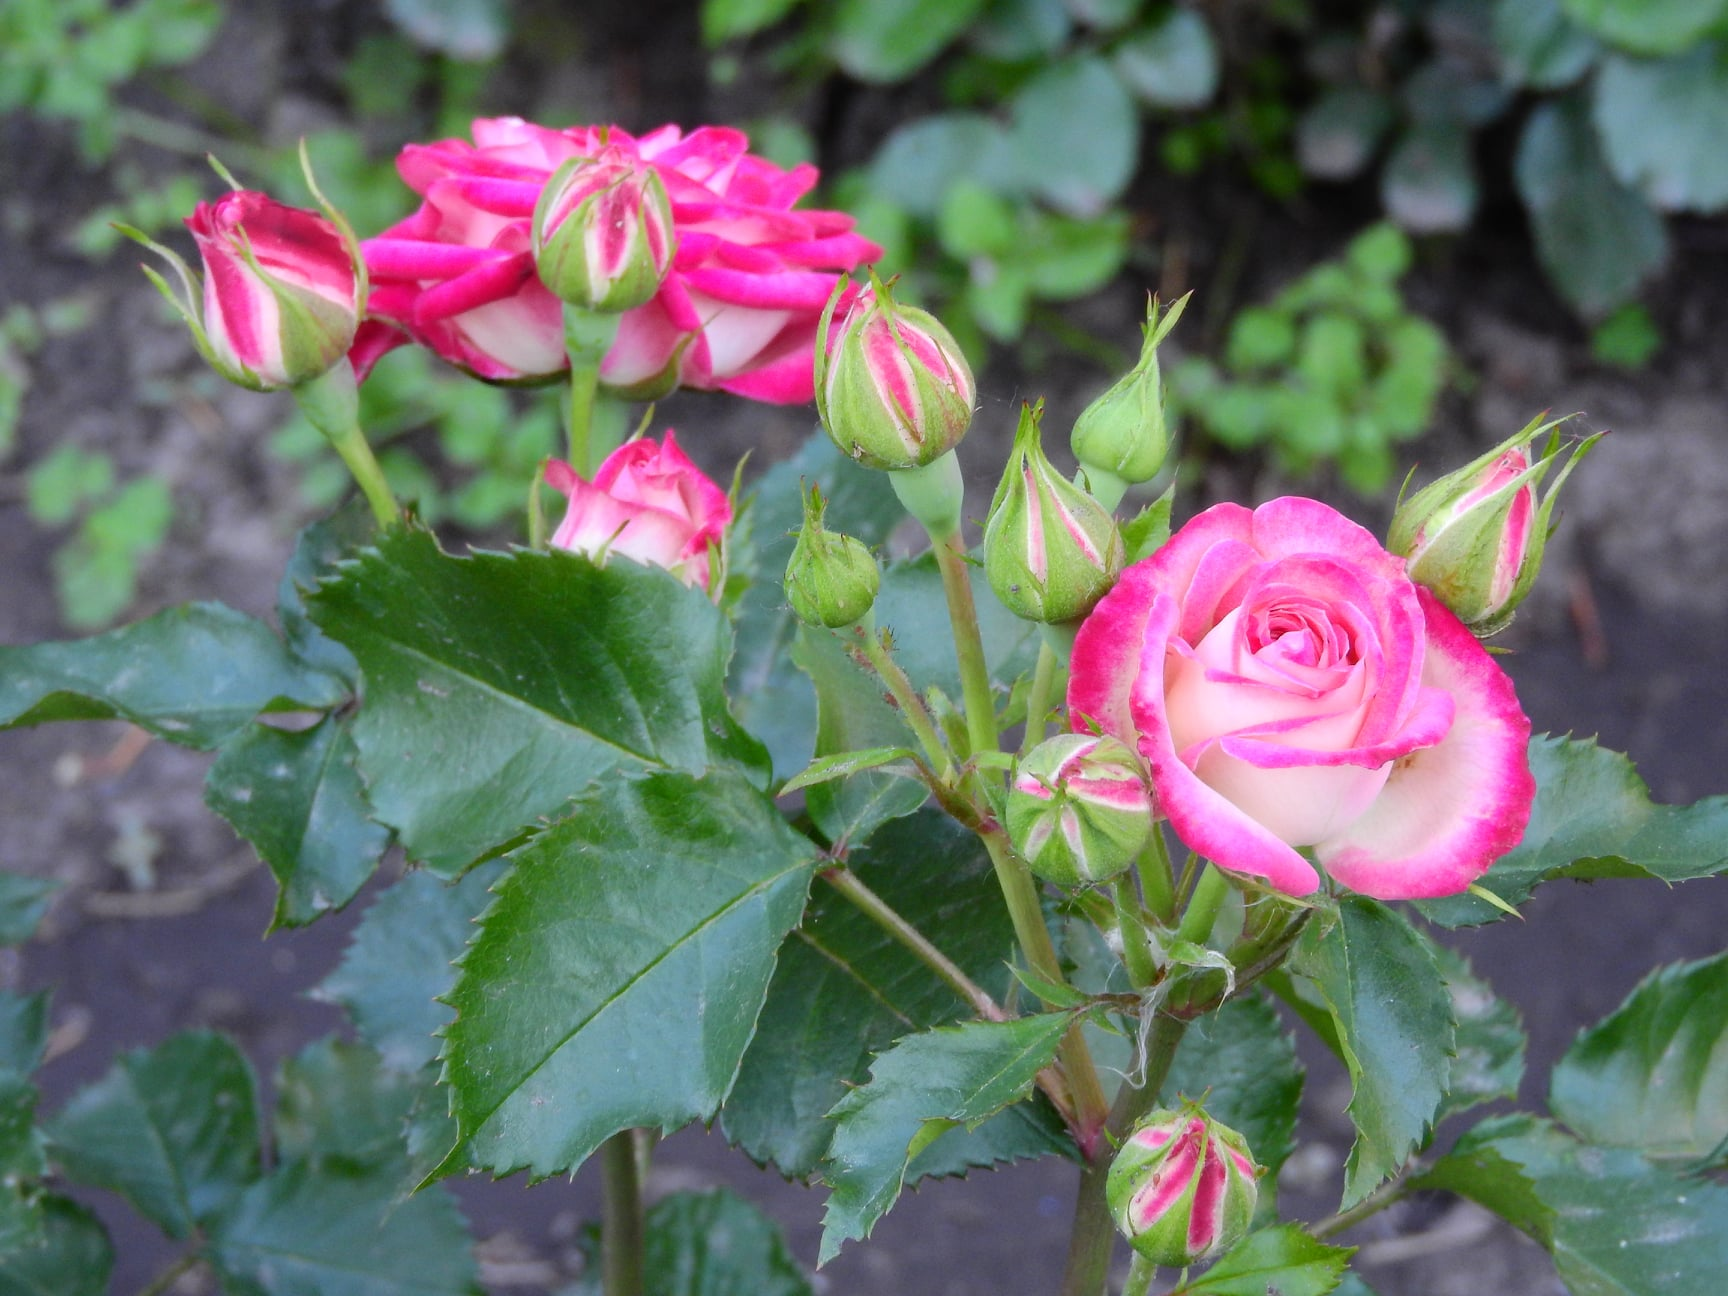 У Чернігові є трояндовий рай, де все літо квітнутимуть різнокольорові троянди (Фото)